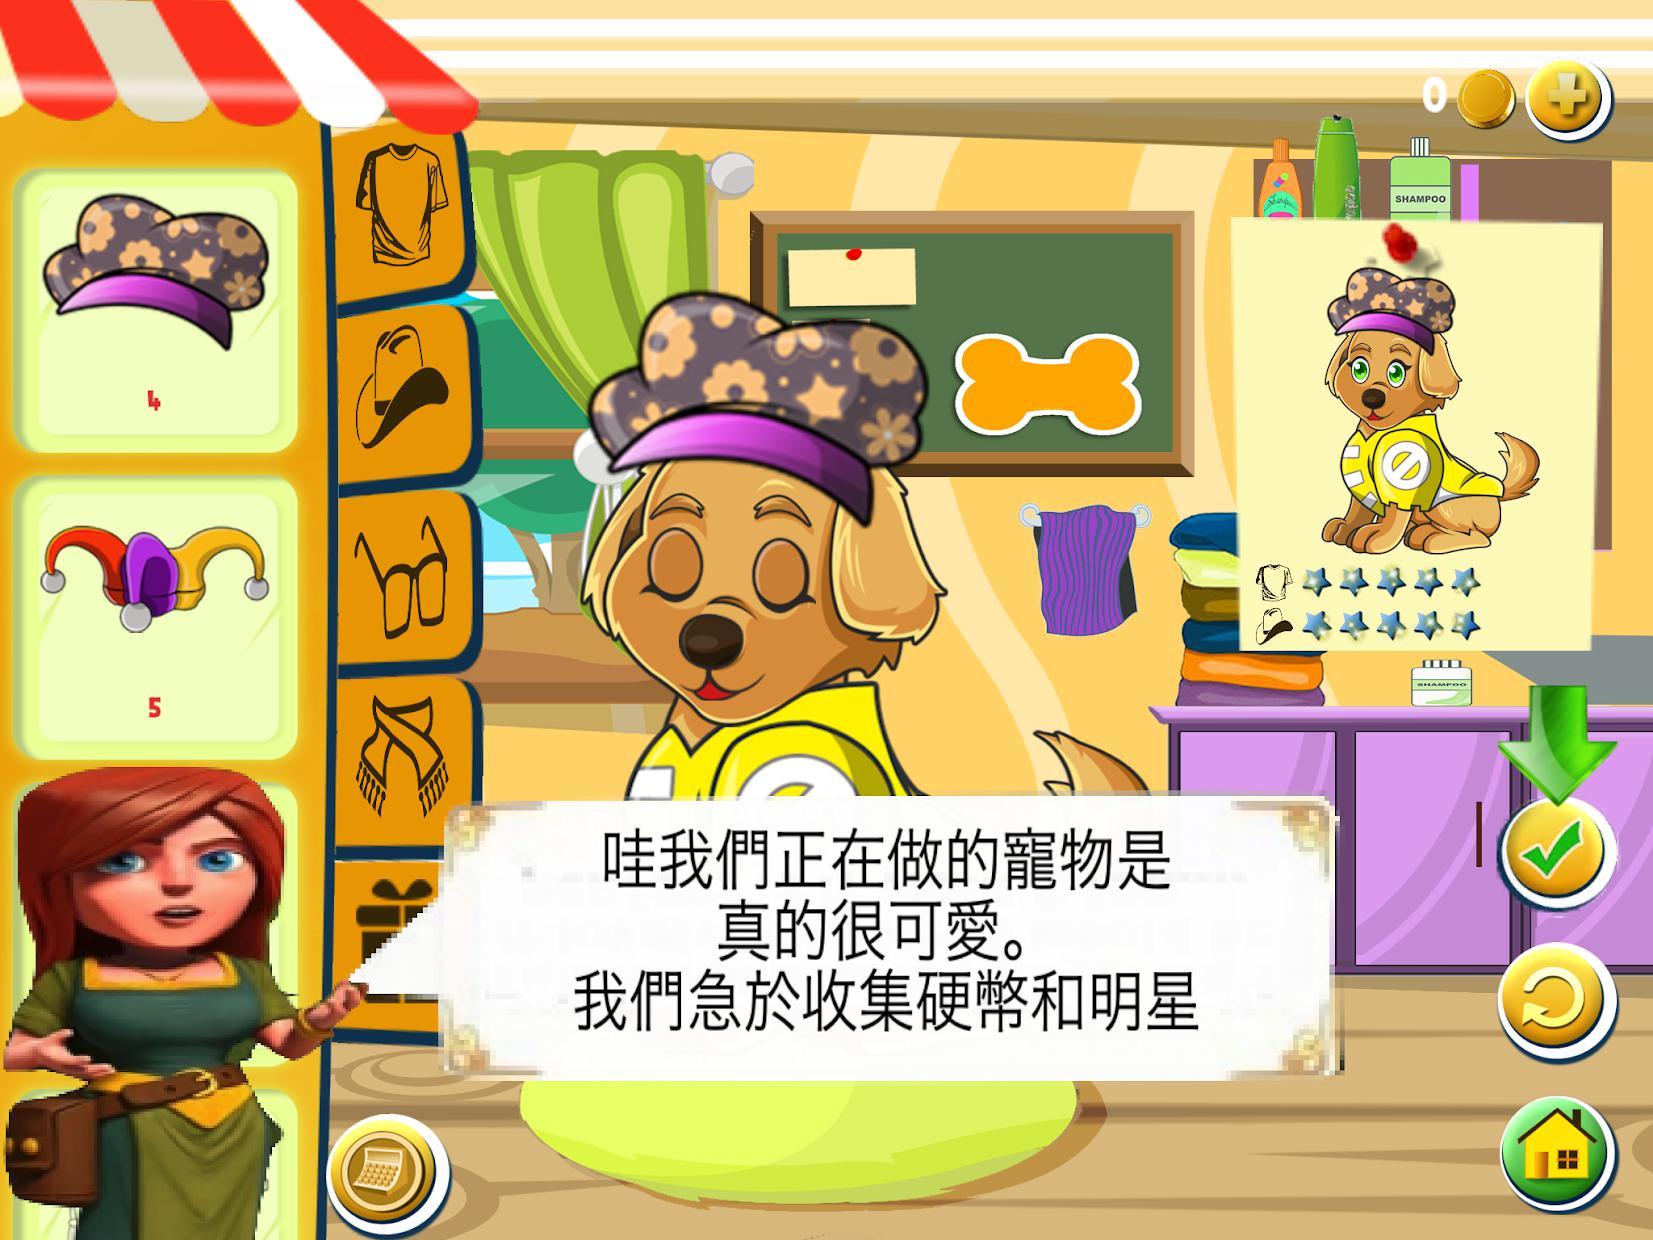 打扮-小宠物沙龙 游戏截图2